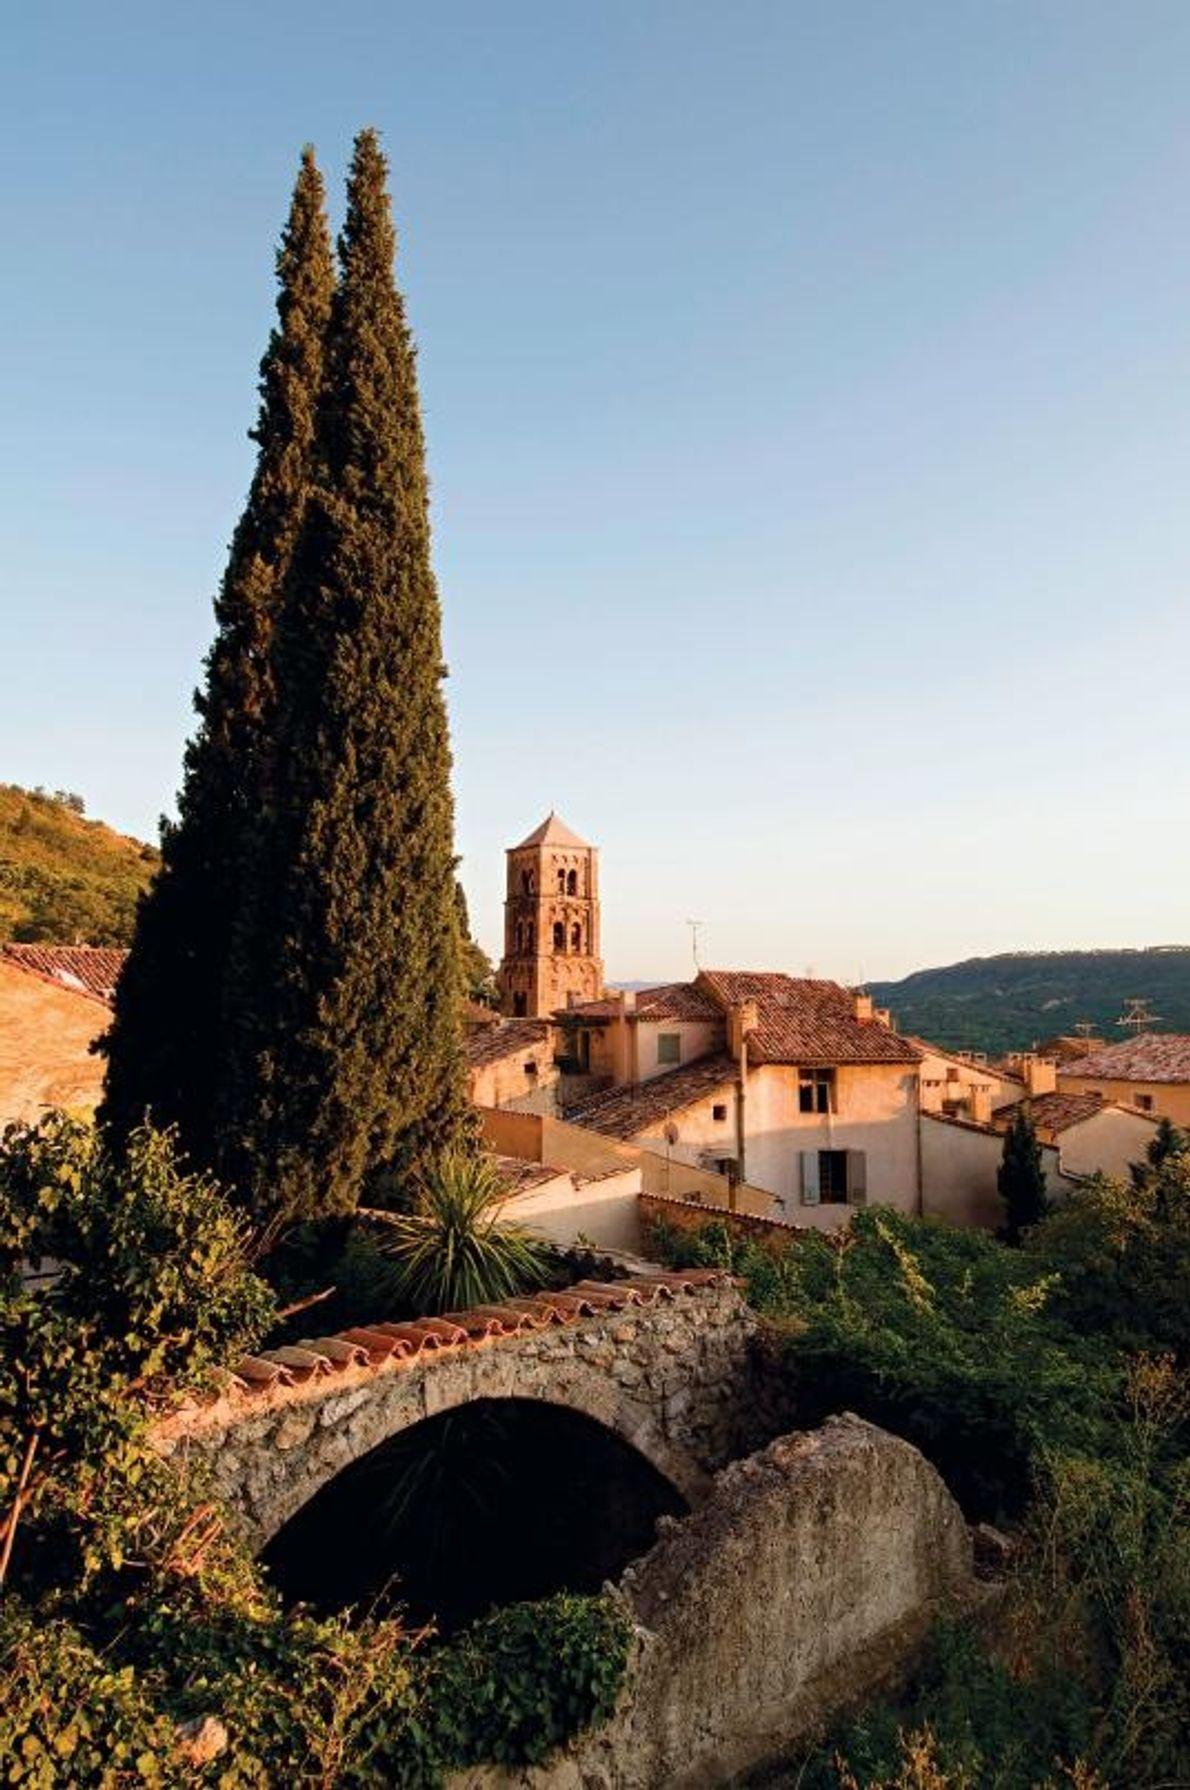 MOUSTIERS-SAINTE-MARIE, FRANCE - Situé à flanc d'une colline en craie dans l'est de la Provence, ce ...